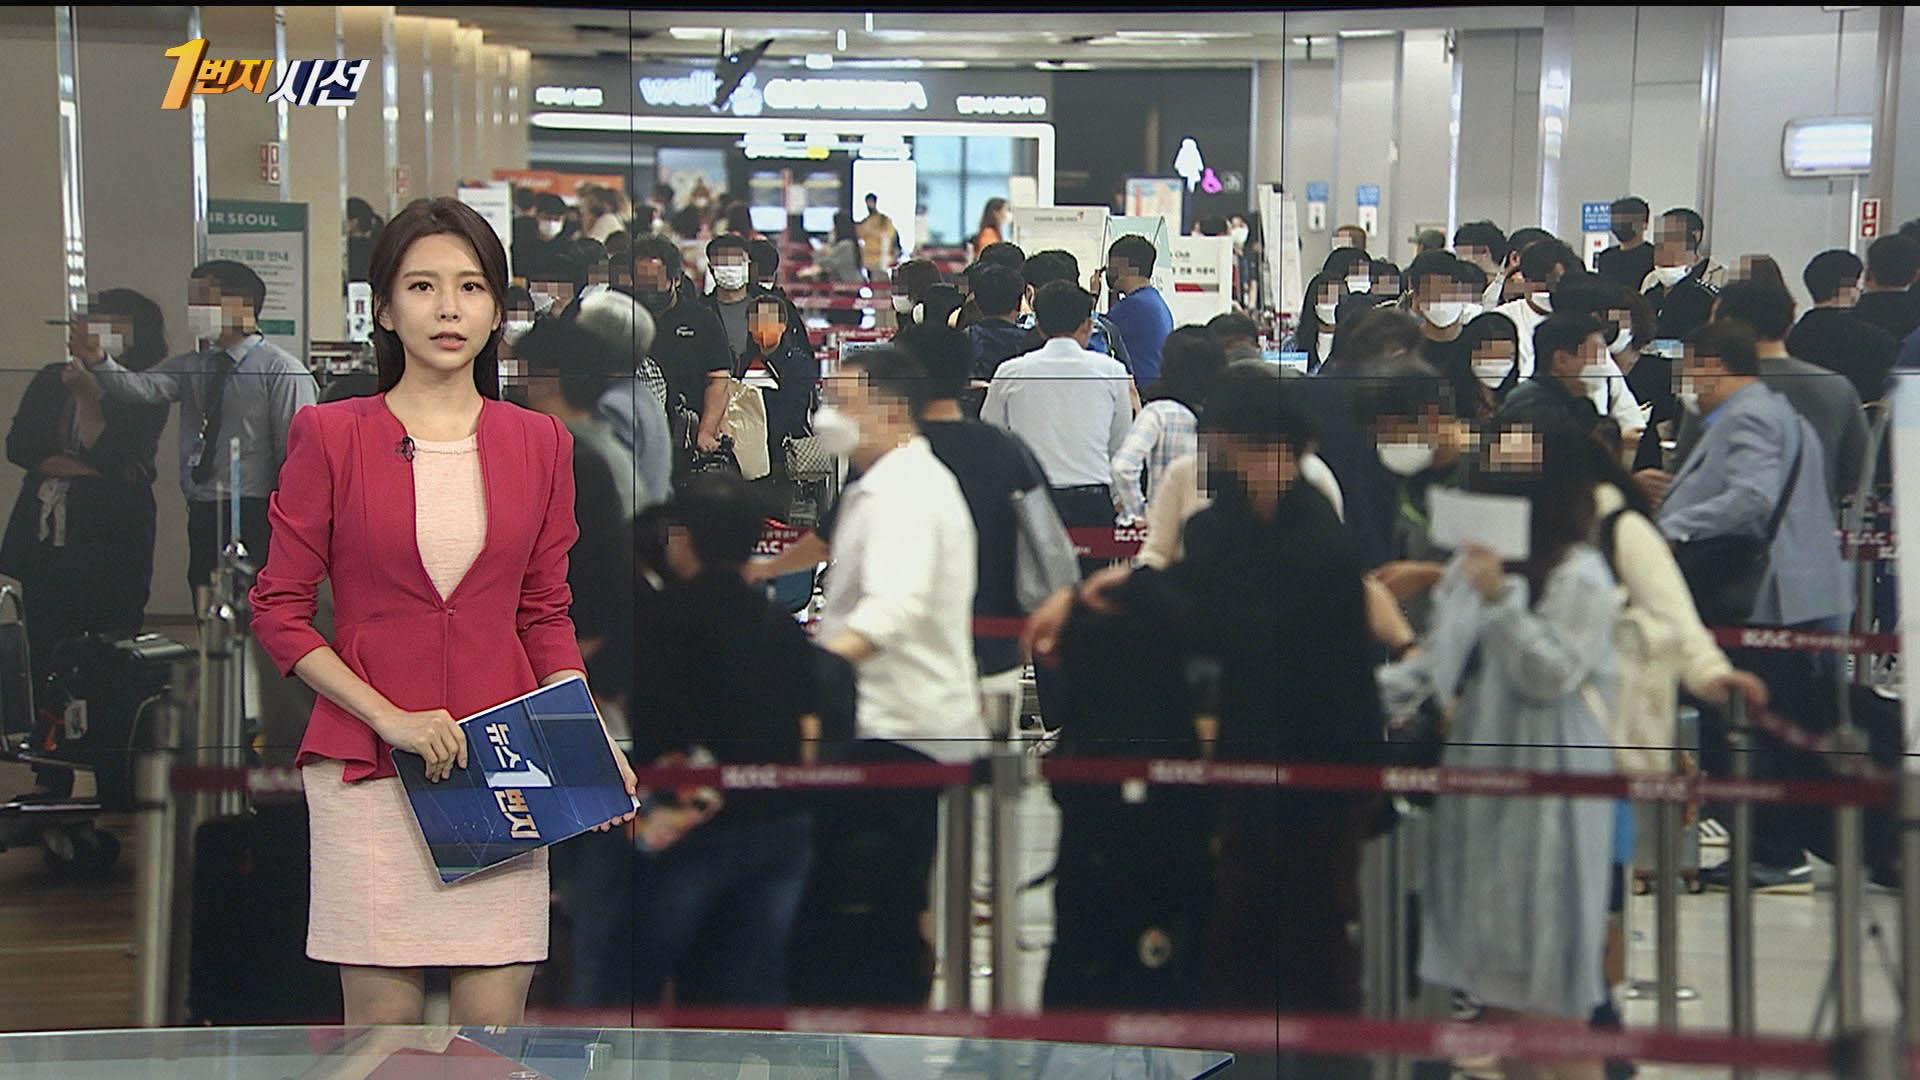 [1번지시선] 연휴 하루 앞둔 김포공항…여행객들로 '북적' 外